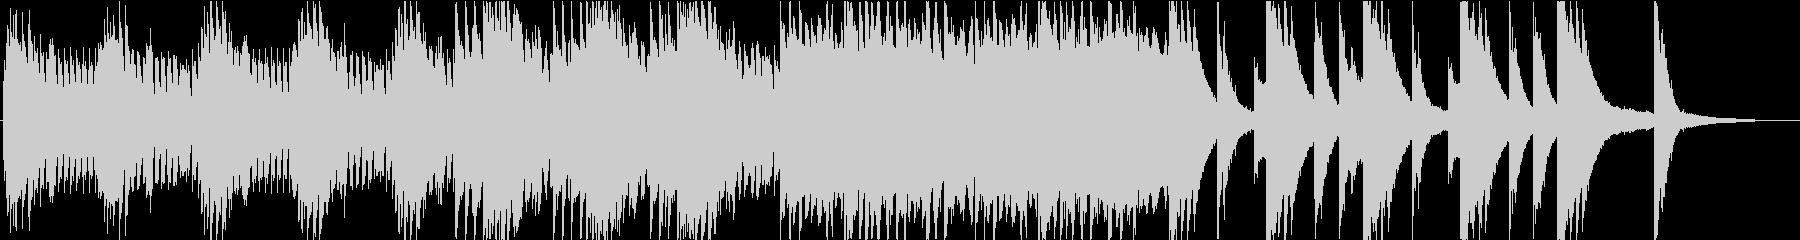 ピアノとエレピのドラマチックなBGMの未再生の波形